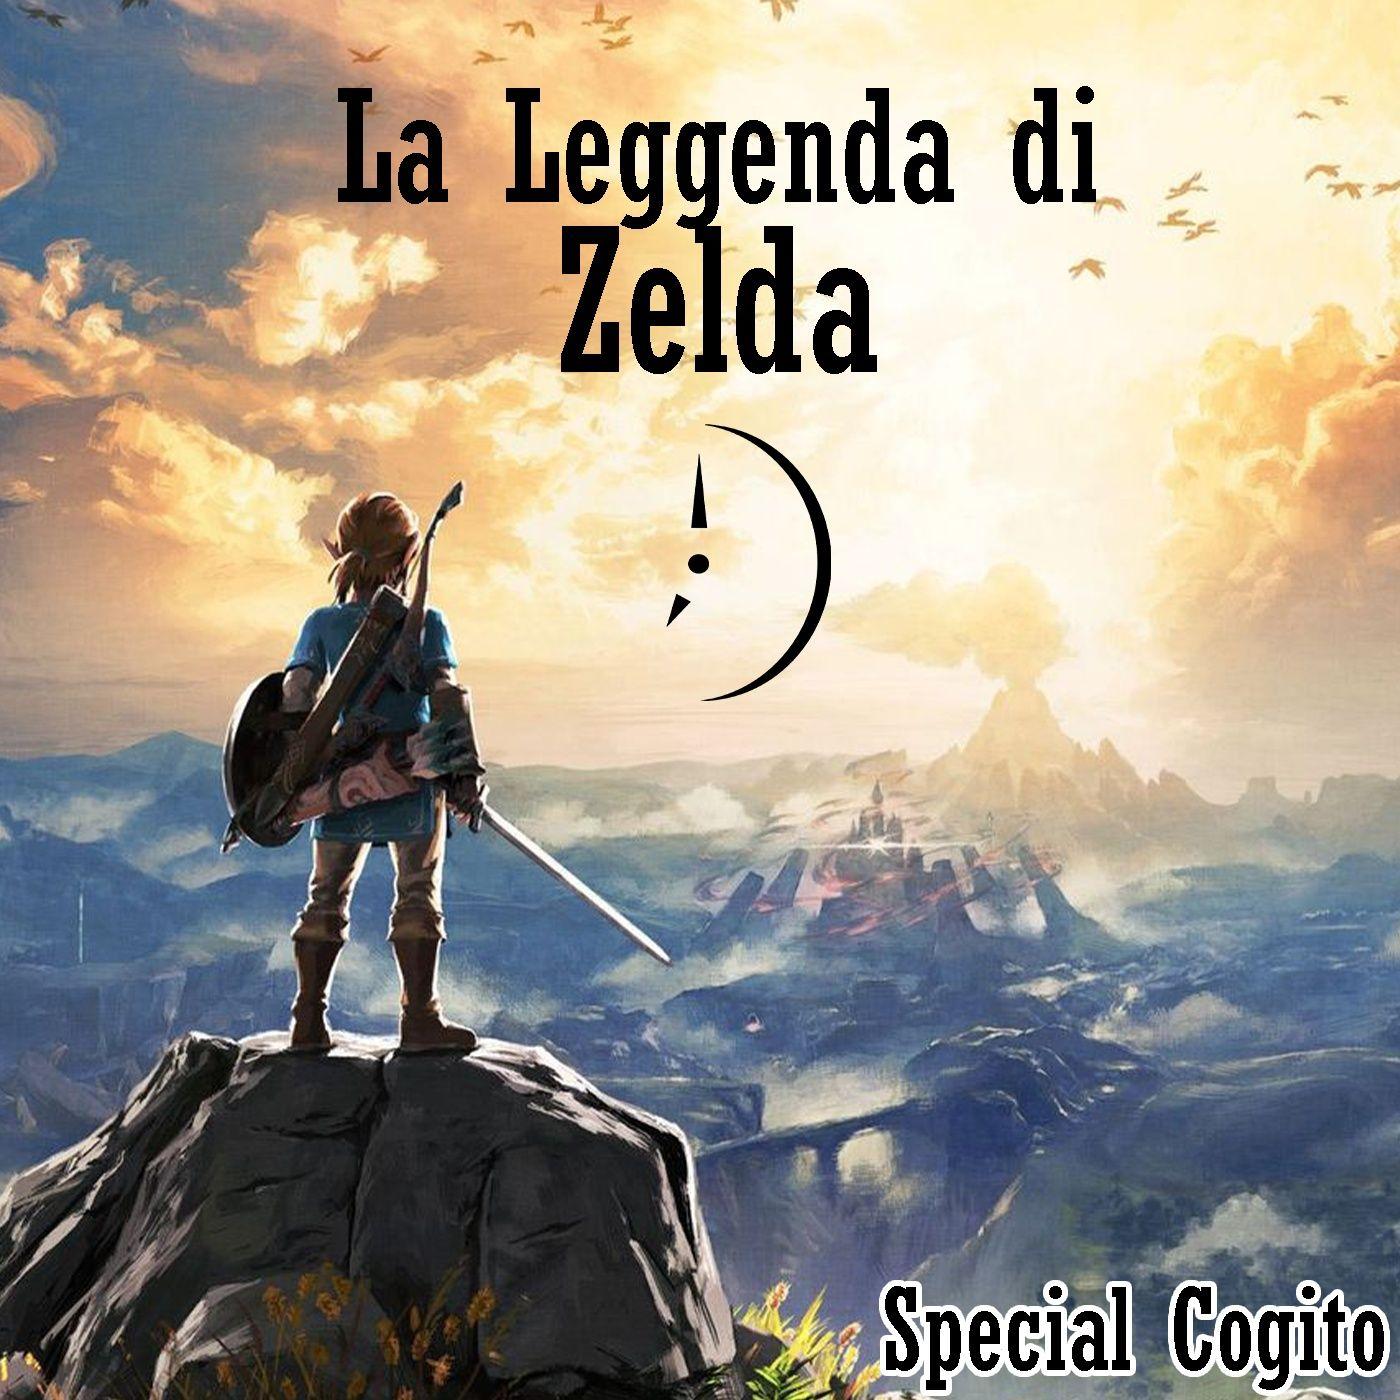 La Leggenda di Zelda: Mito, Simbolo e Religione - SPECIAL COGITO